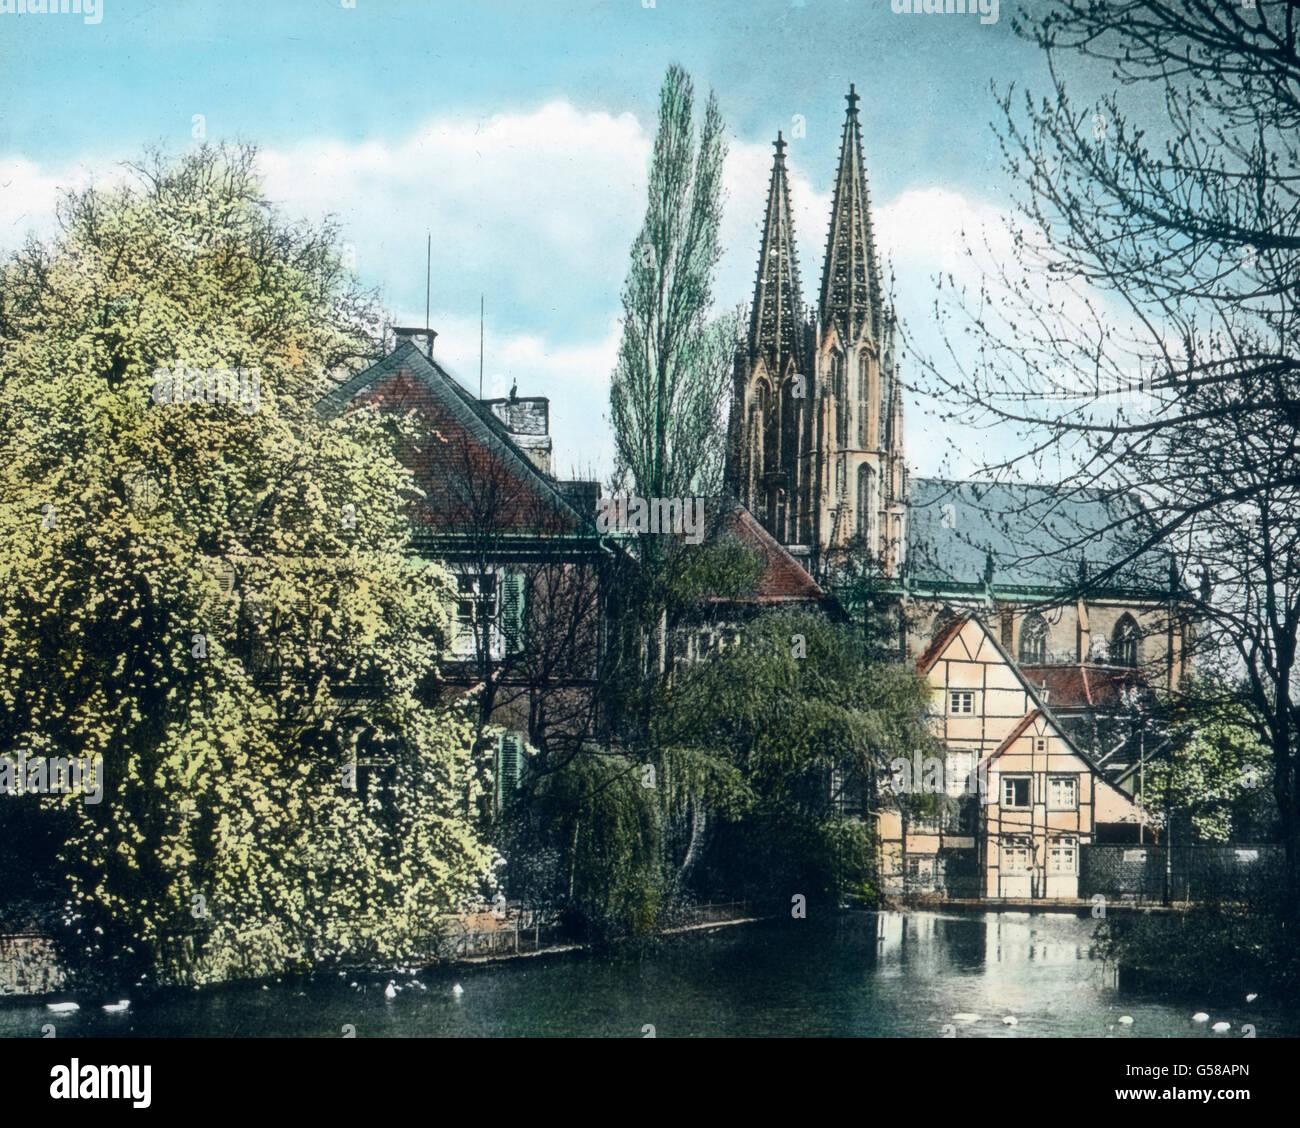 Sterben Sie Kirche St. Maria Zur Wiese (Wiesenkirche) ist in Den Jahren 1314 1376 Erbaut Und ist der Bedeutendste Stockbild